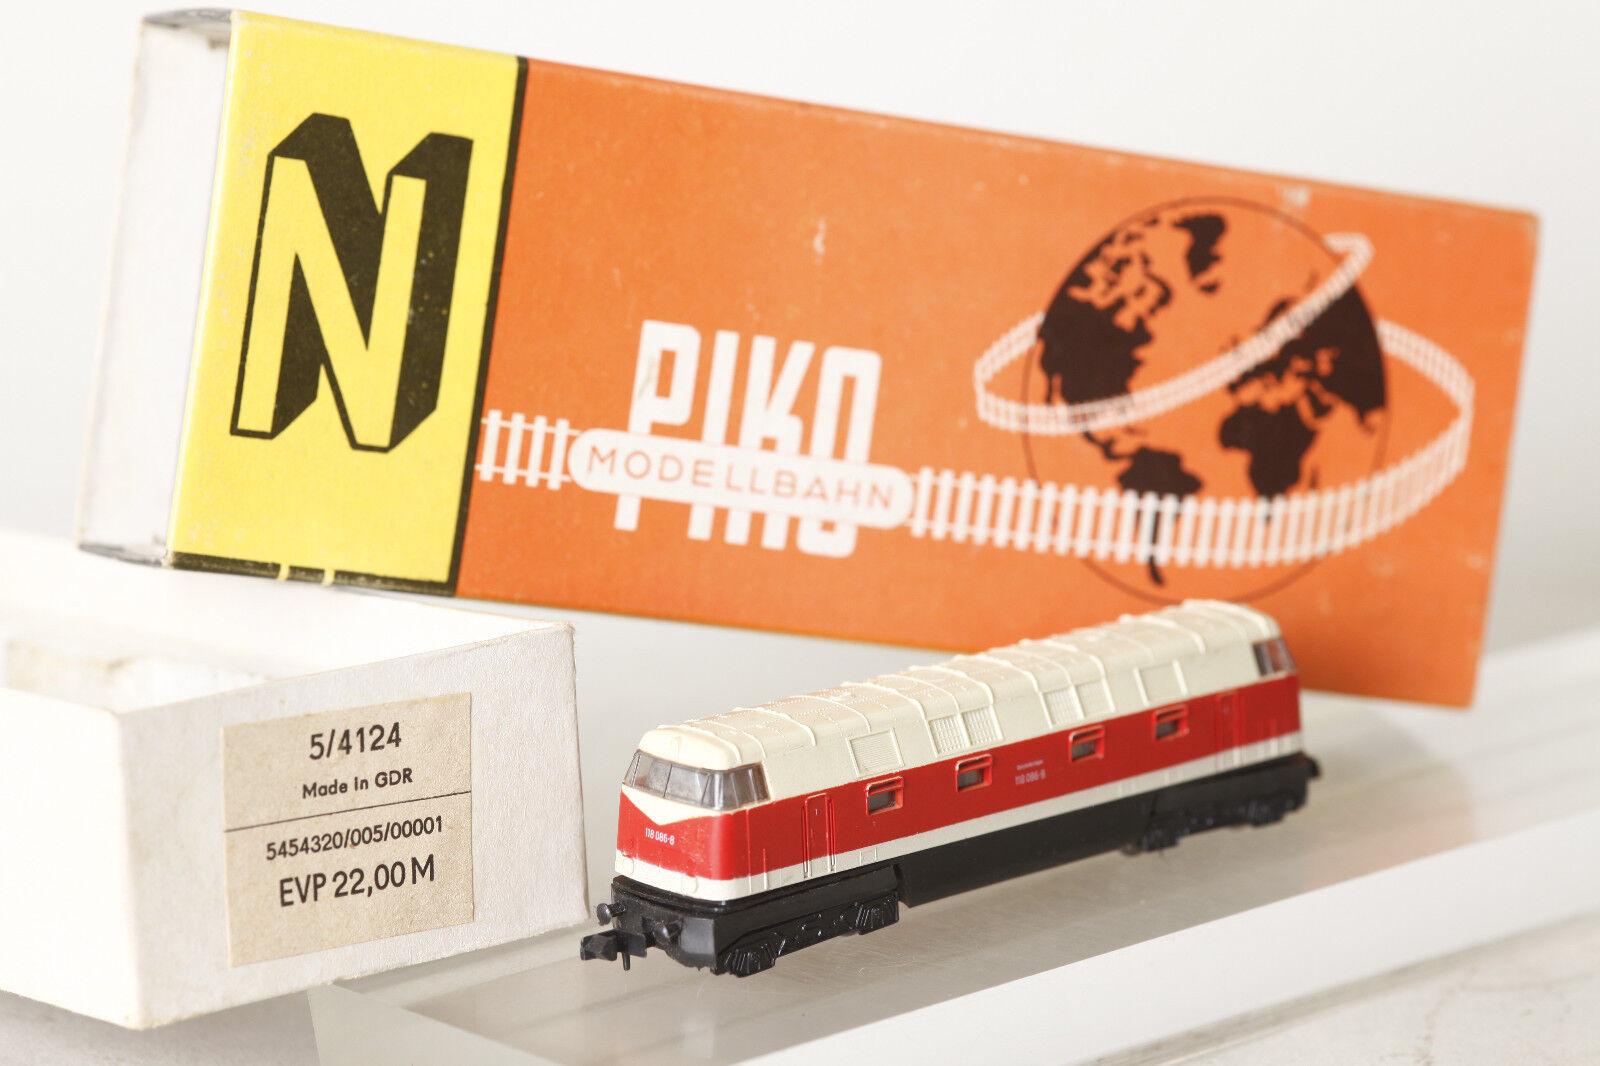 Piko Gauge N 5 4124 Diesel Locomotive Br 118 086-8 Red  Beige Boxed (101293)